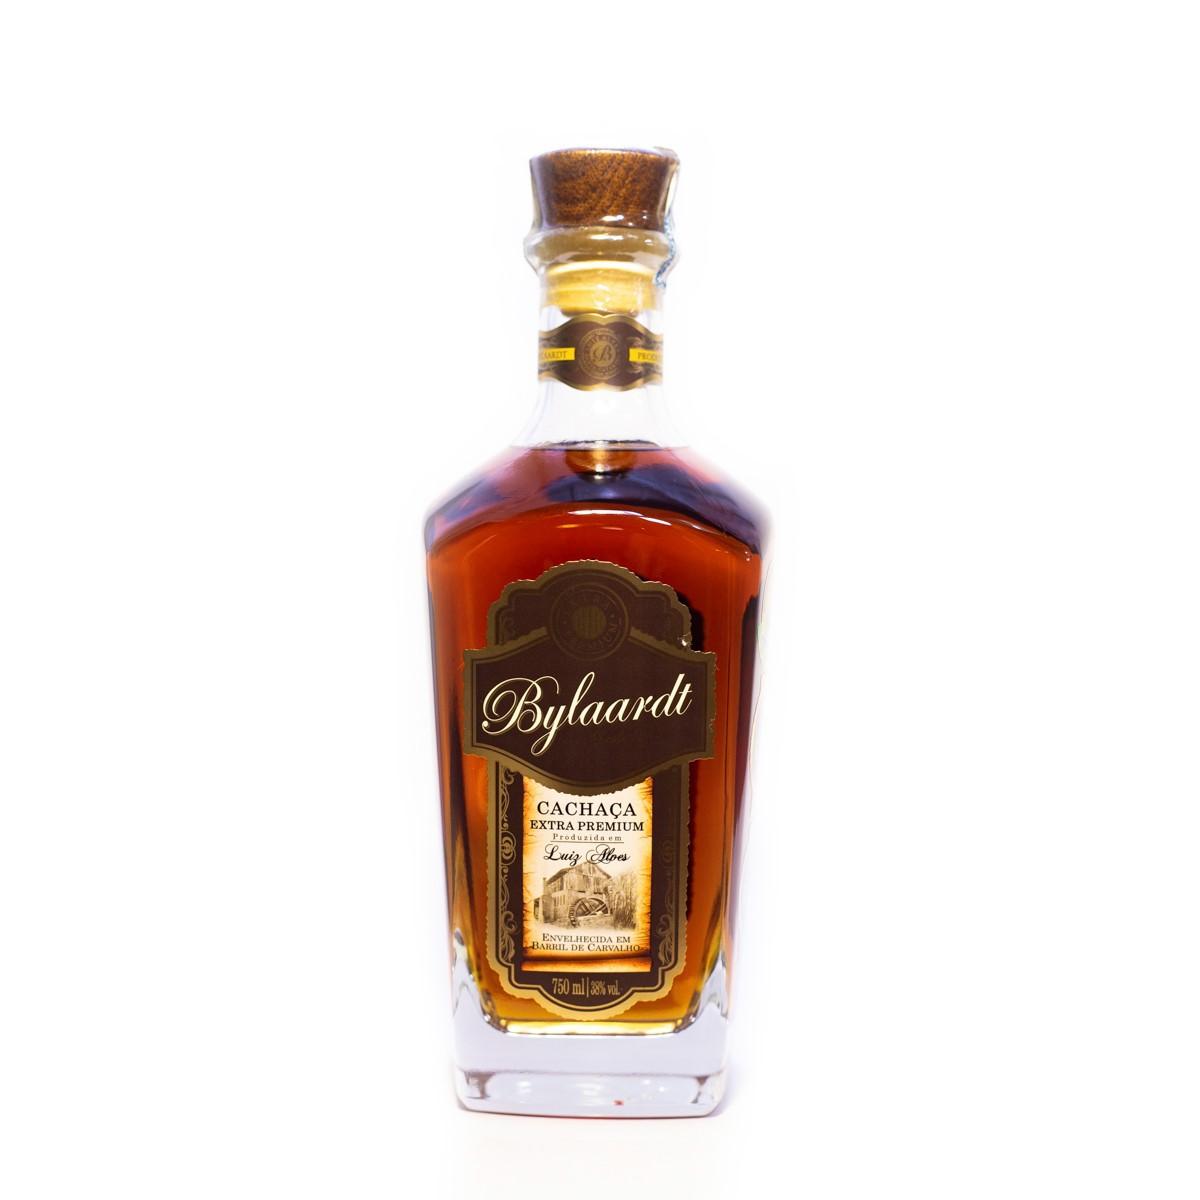 Cachaça Ouro Extra Premium - 18 anos - Bylaardt - 750 ml